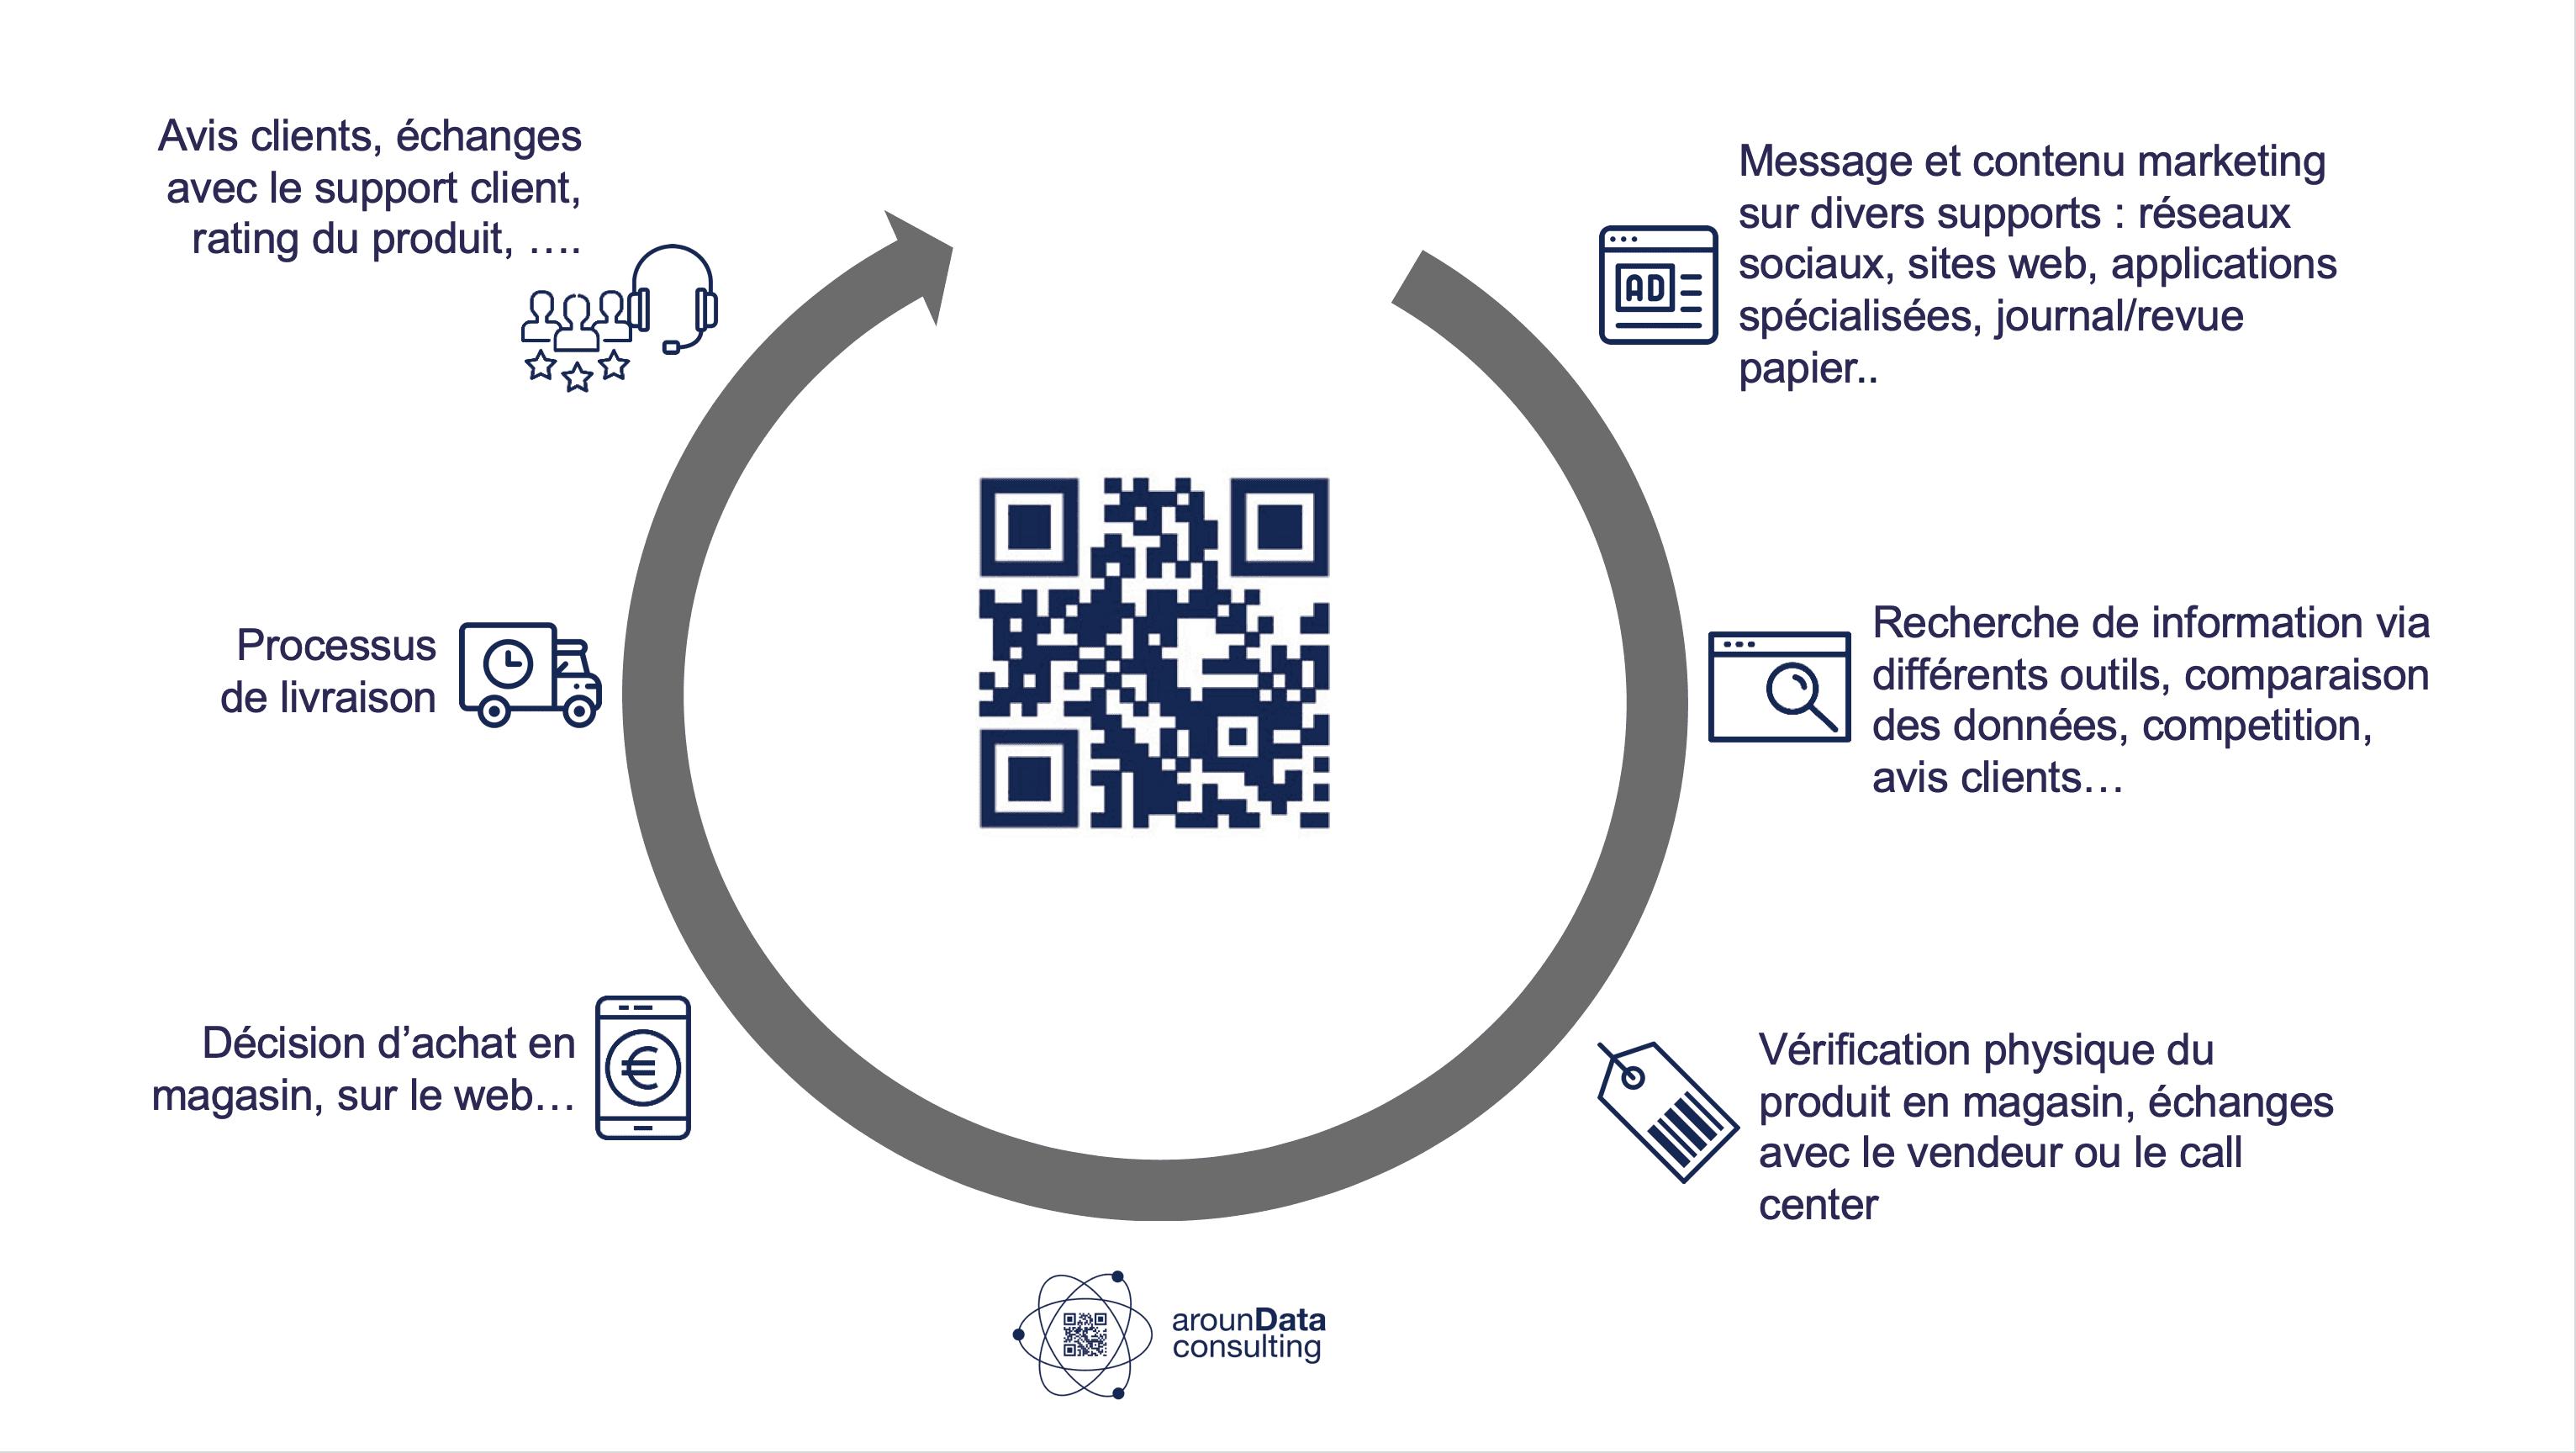 le product experience management permet de baliser le parcours client